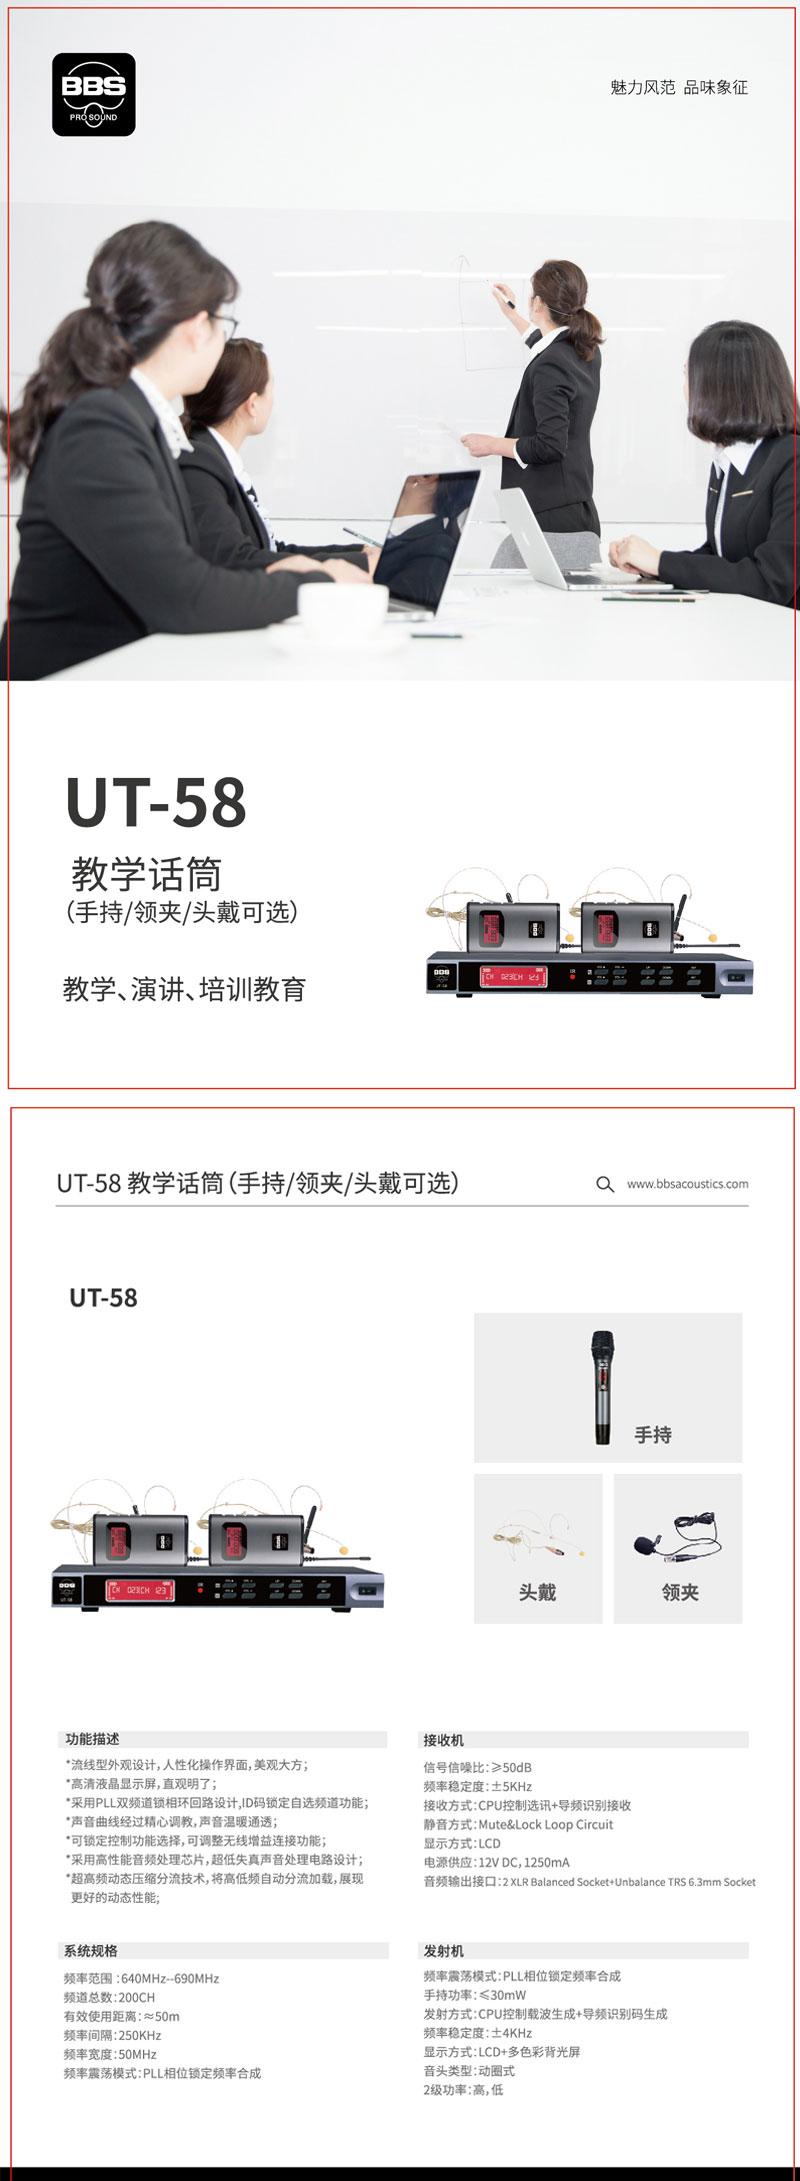 UT-58教学话筒